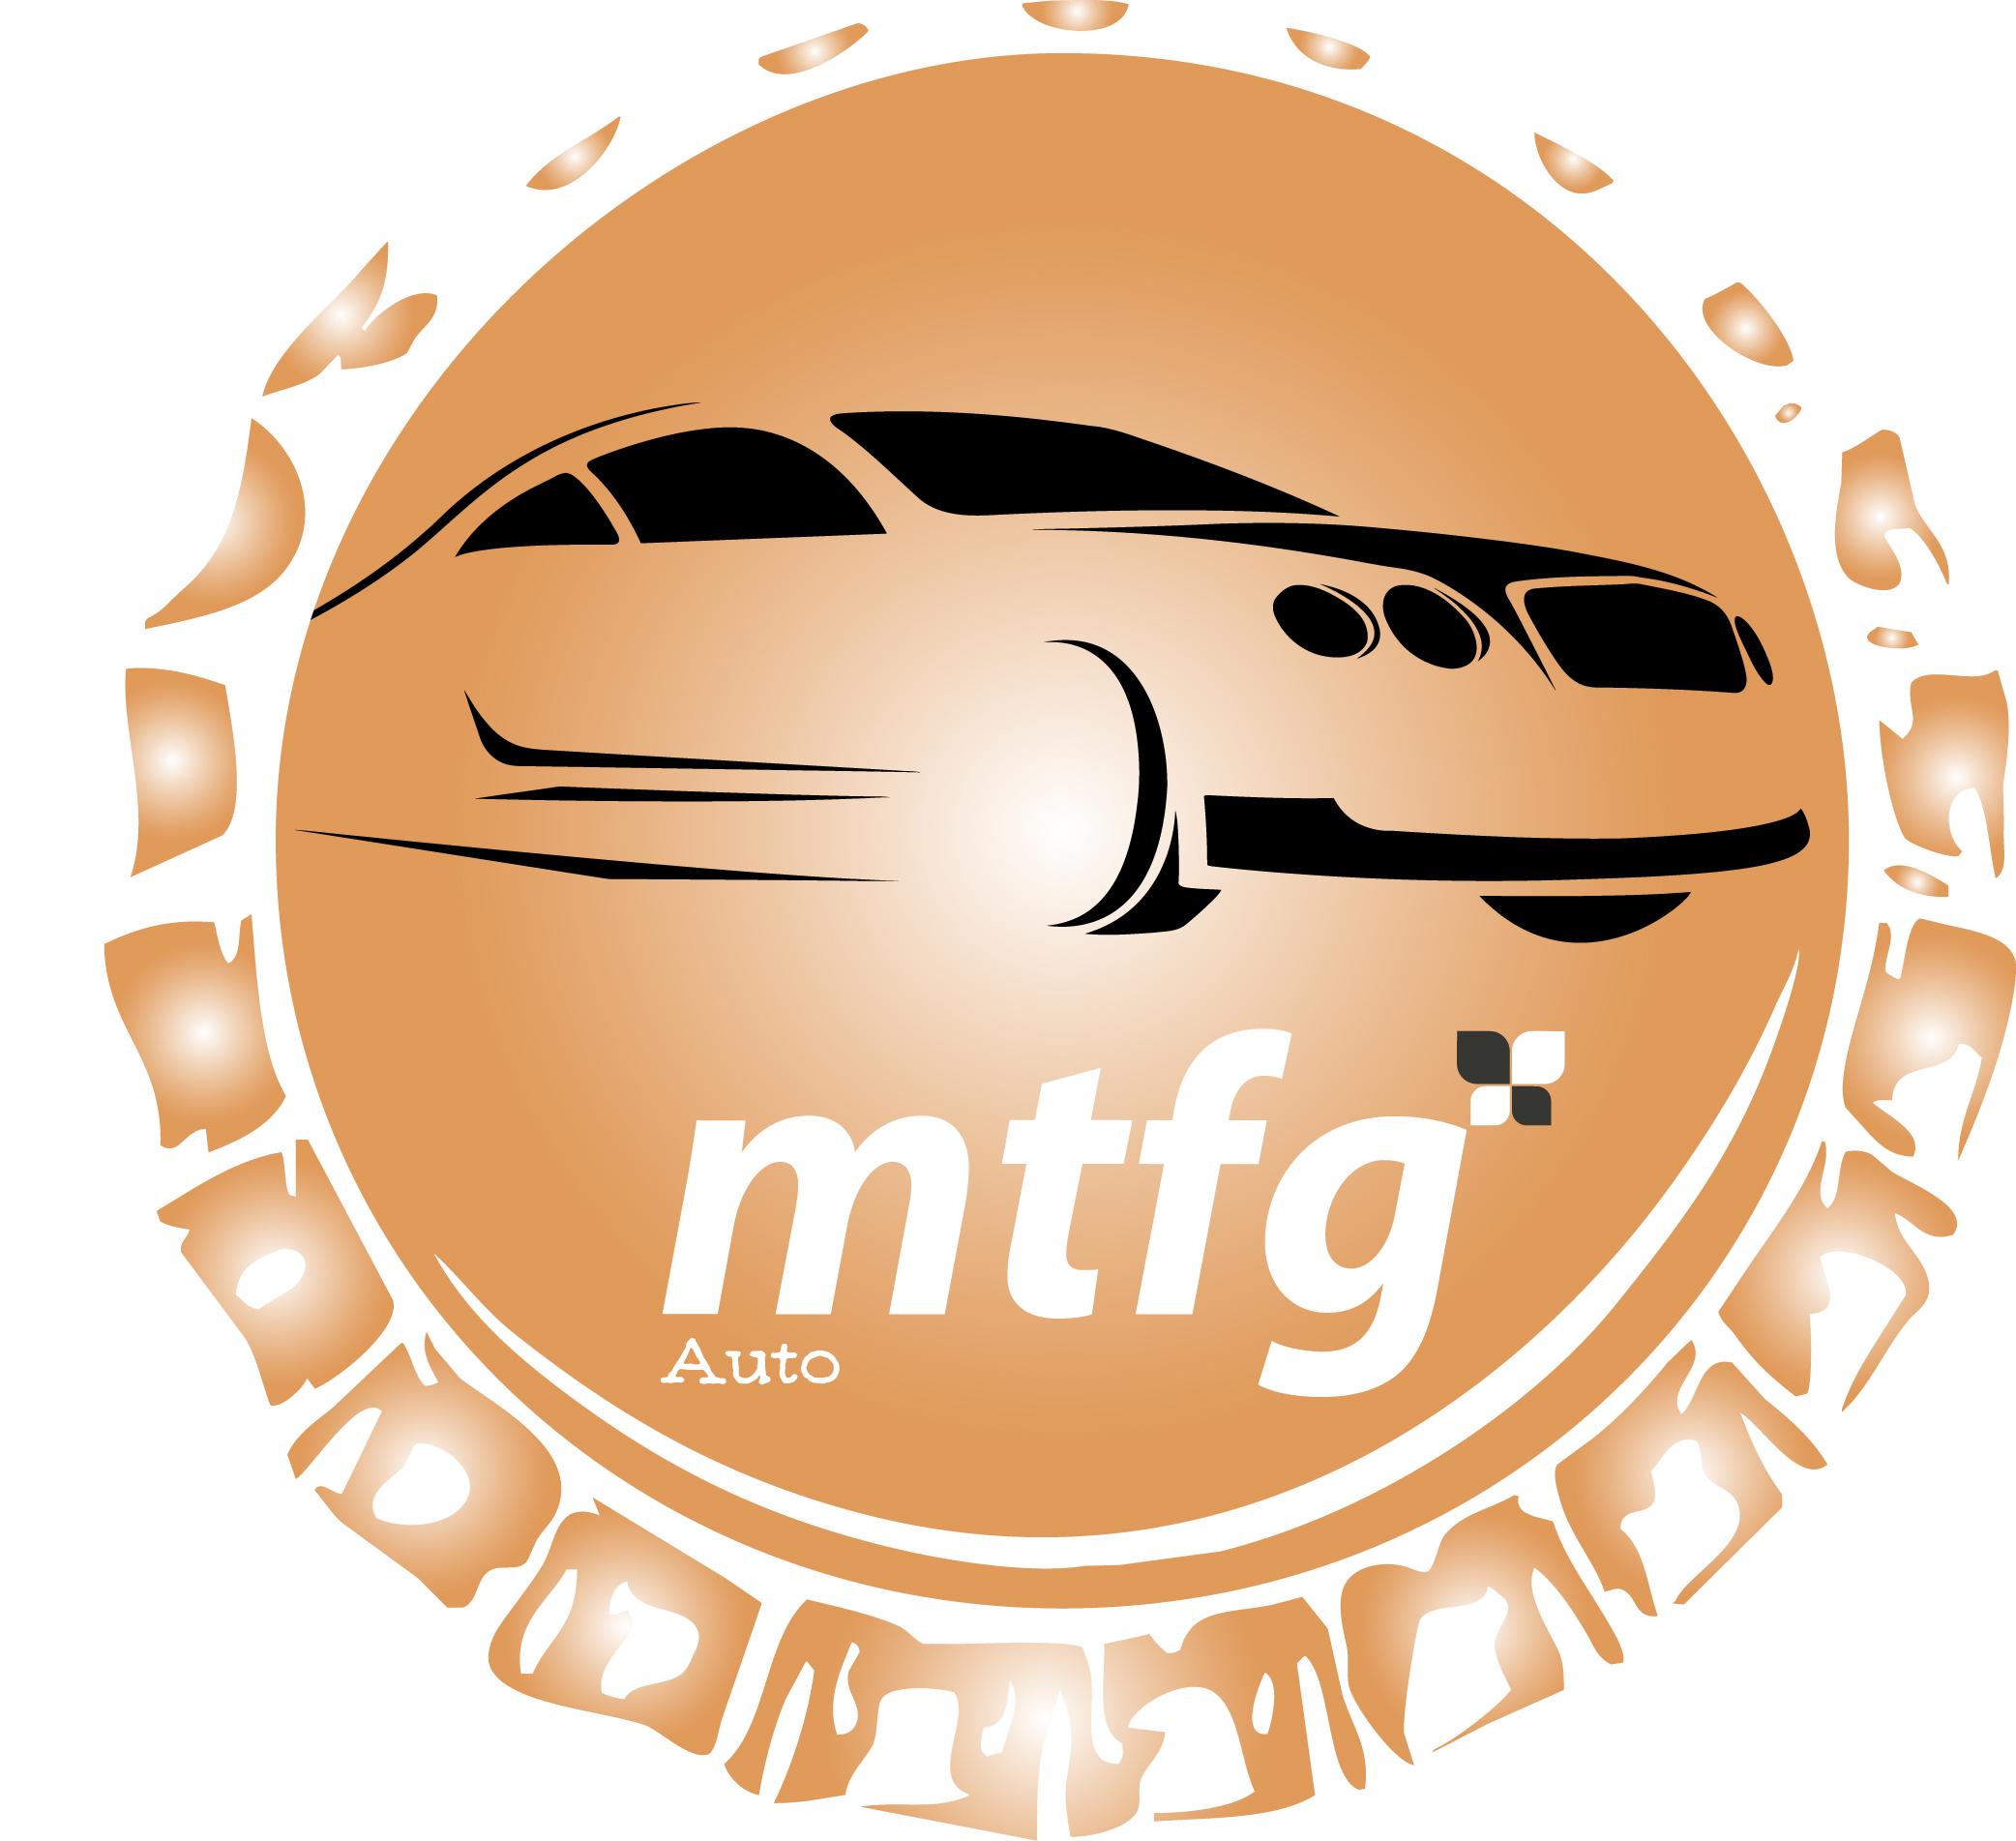 MTFG Auto